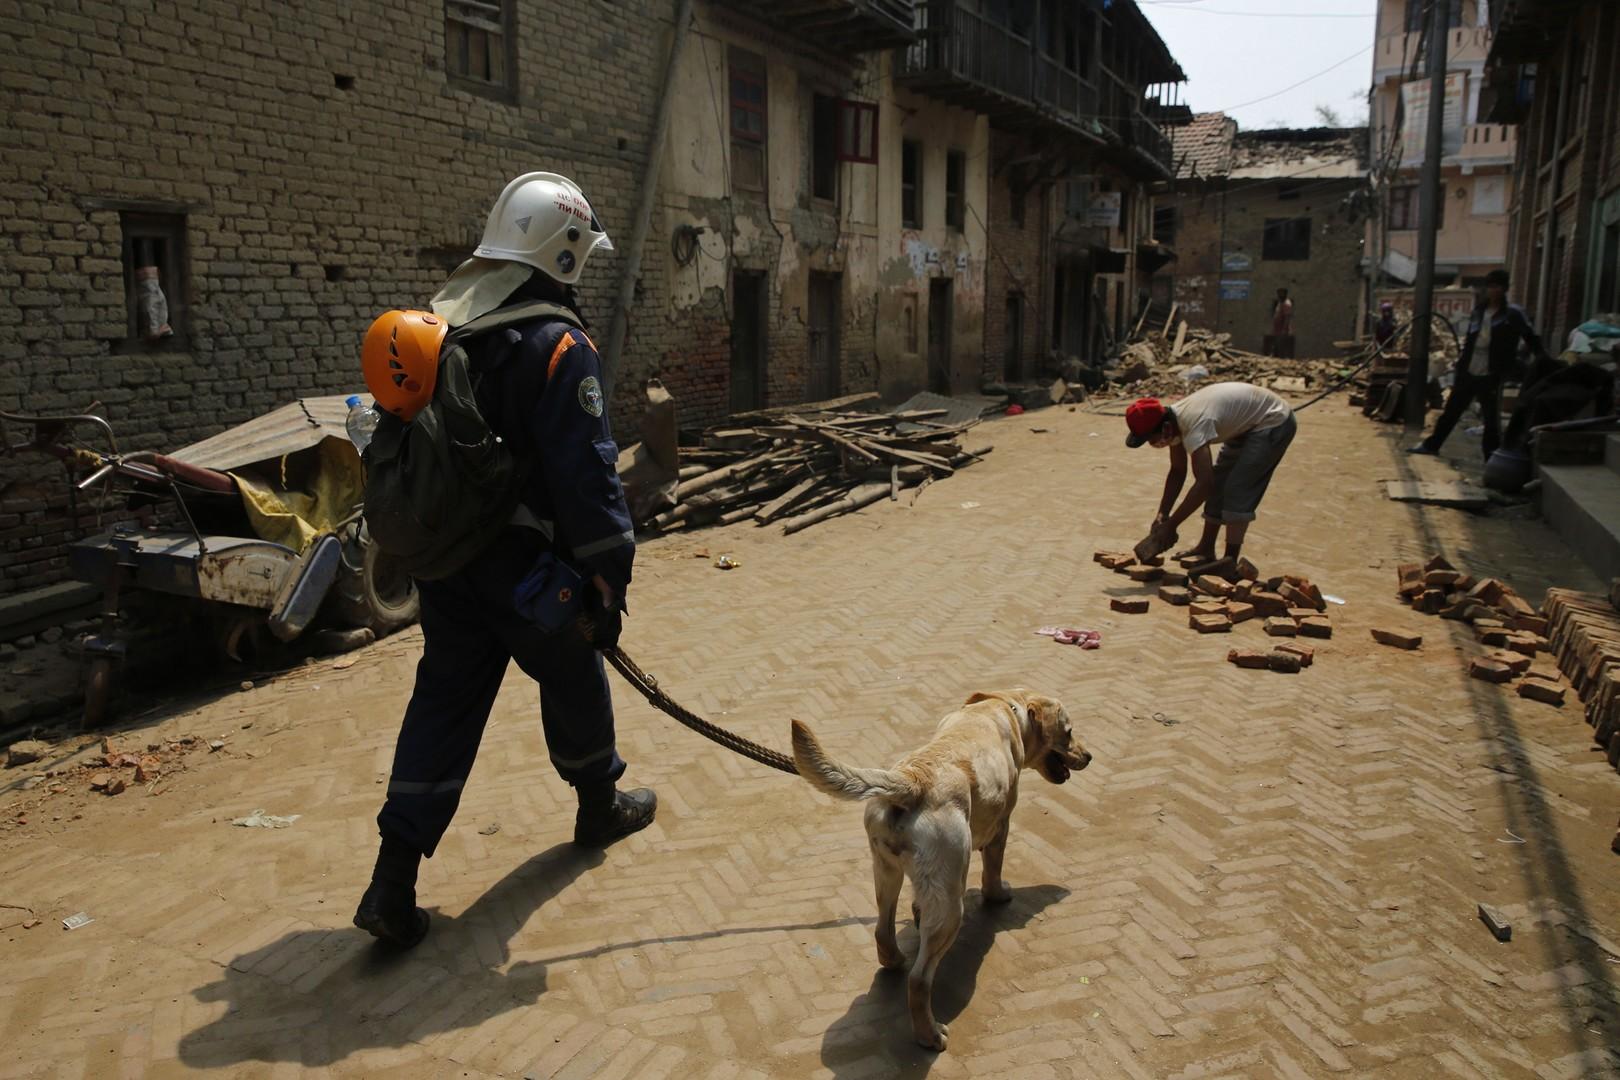 Спасатель Центра спасательных операций особого риска «Лидер» МЧС России с лабрадором по кличке Грейс, обученным искать людей под завалами зданий, во время поисково-спасательной операции в Непале.